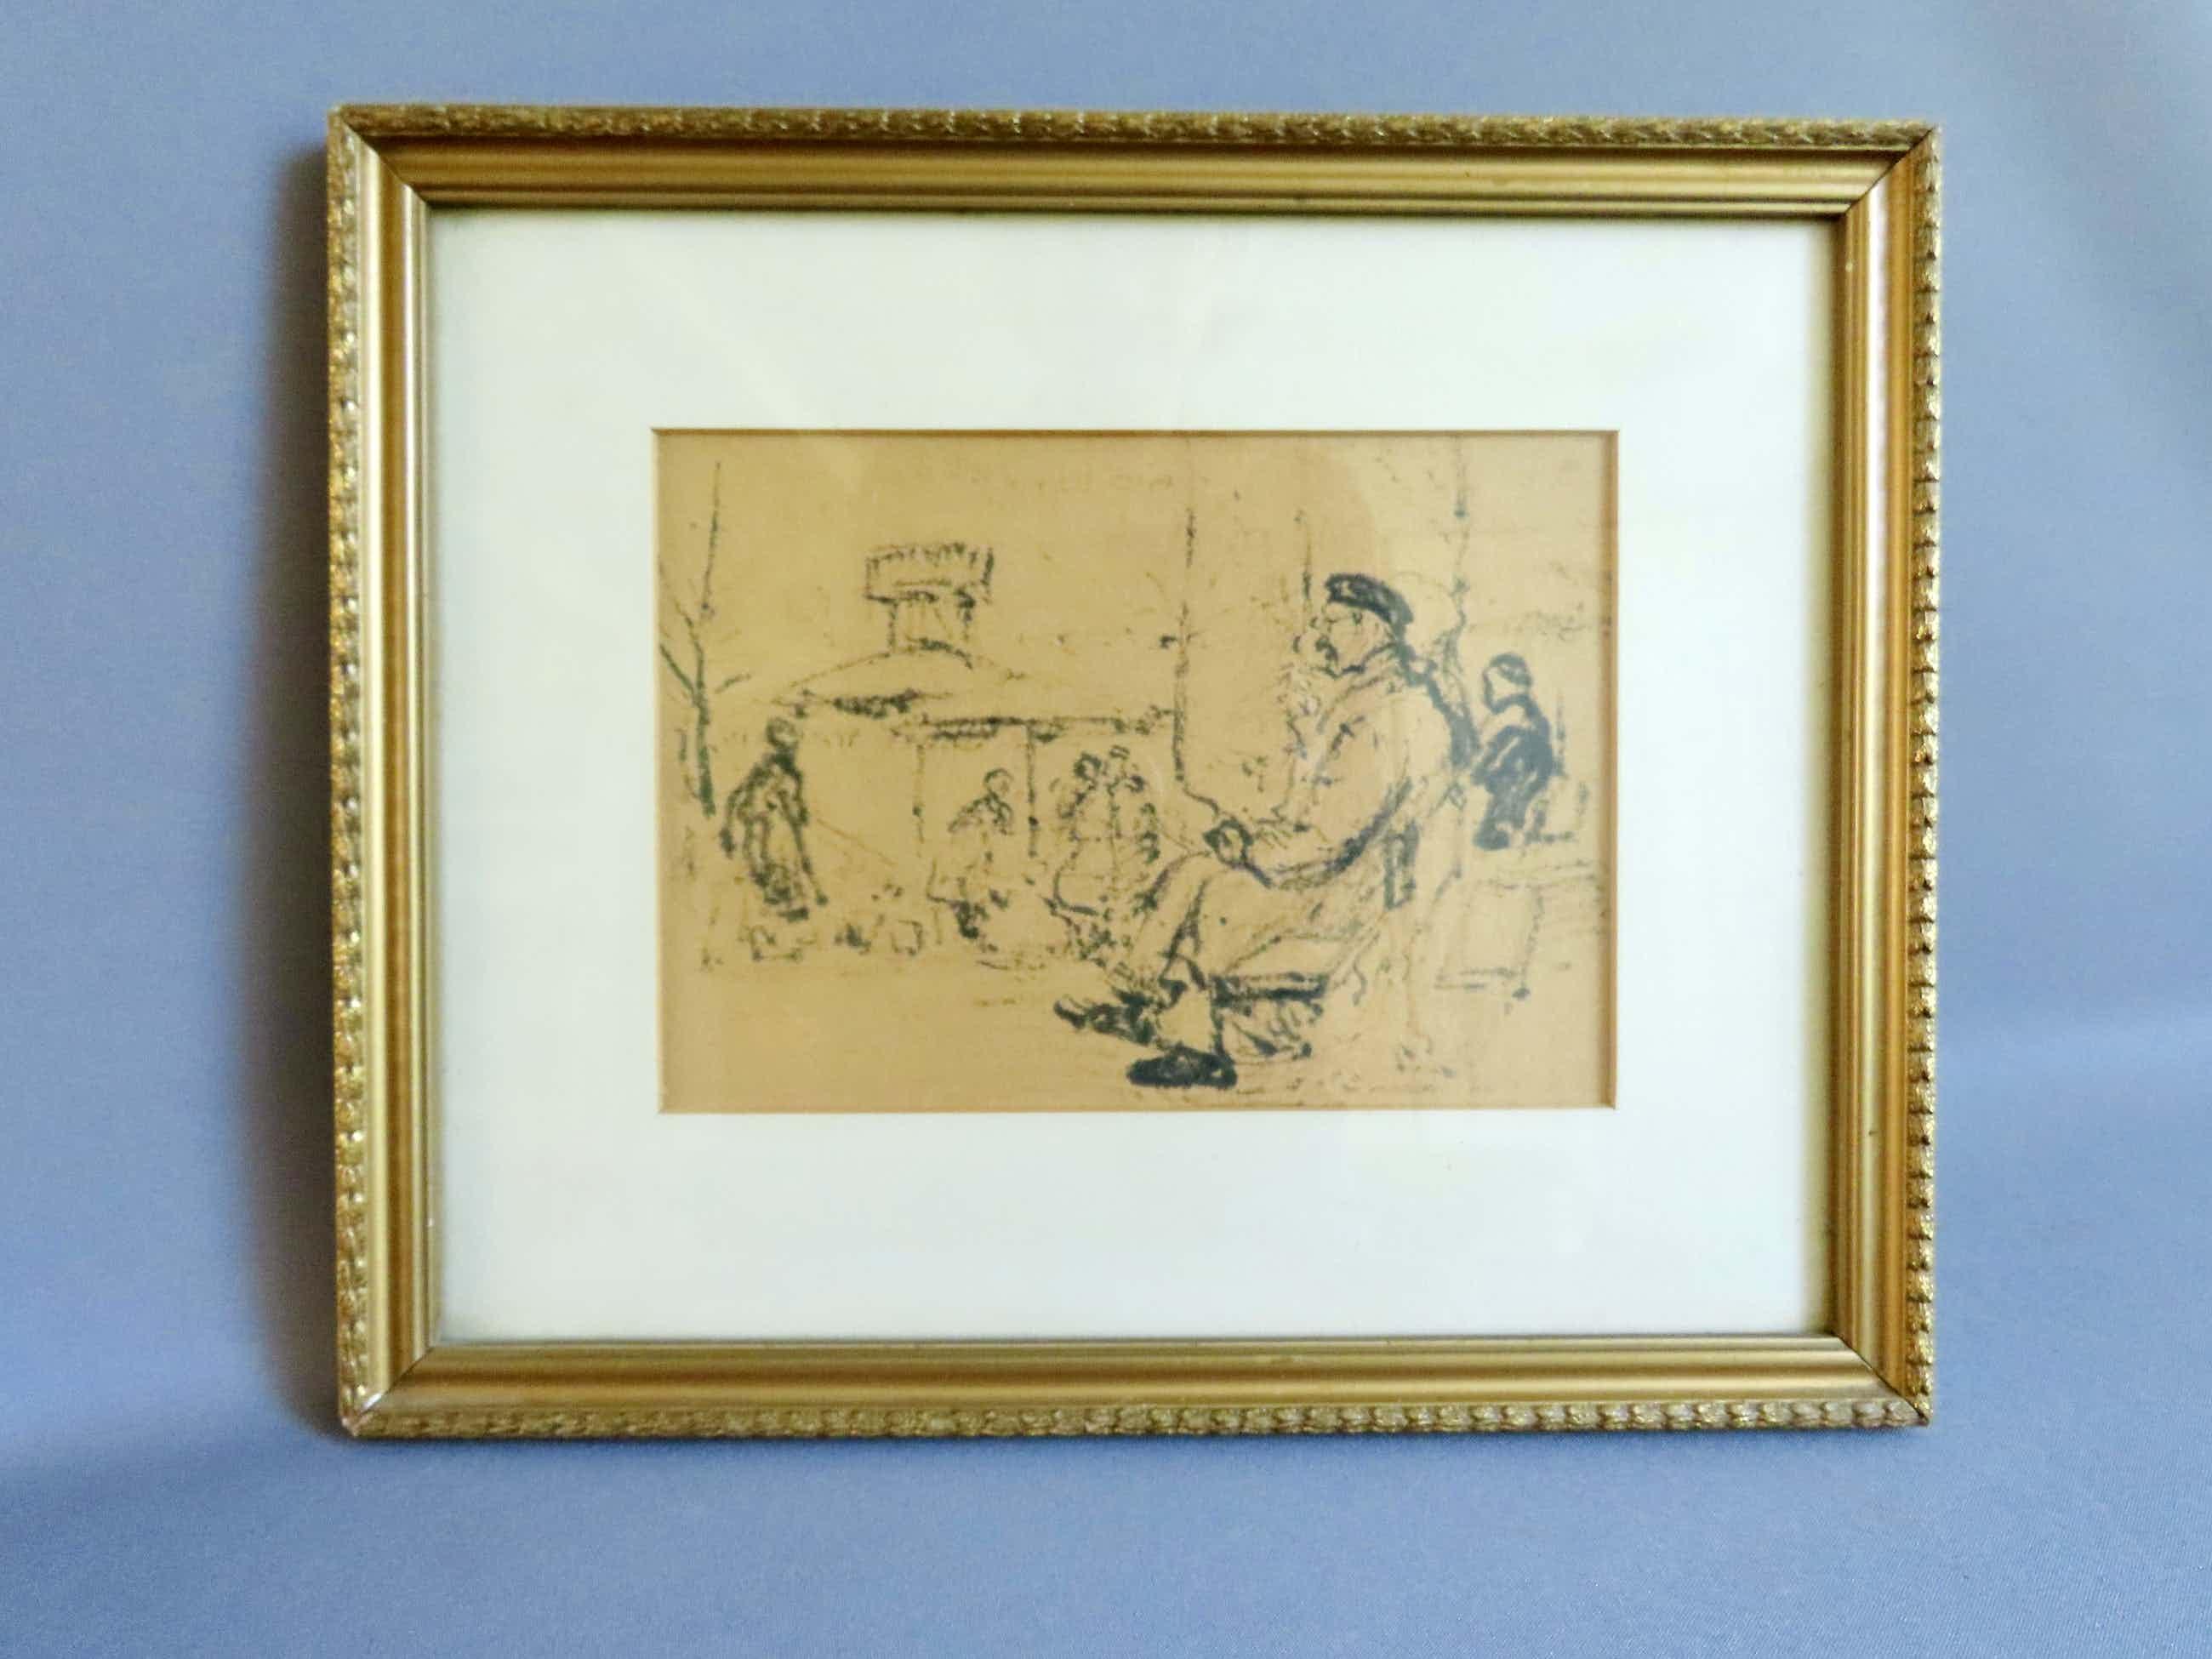 Cor Noltee - (1903-1967) Inkttekening - 'In het park' - kopen? Bied vanaf 100!